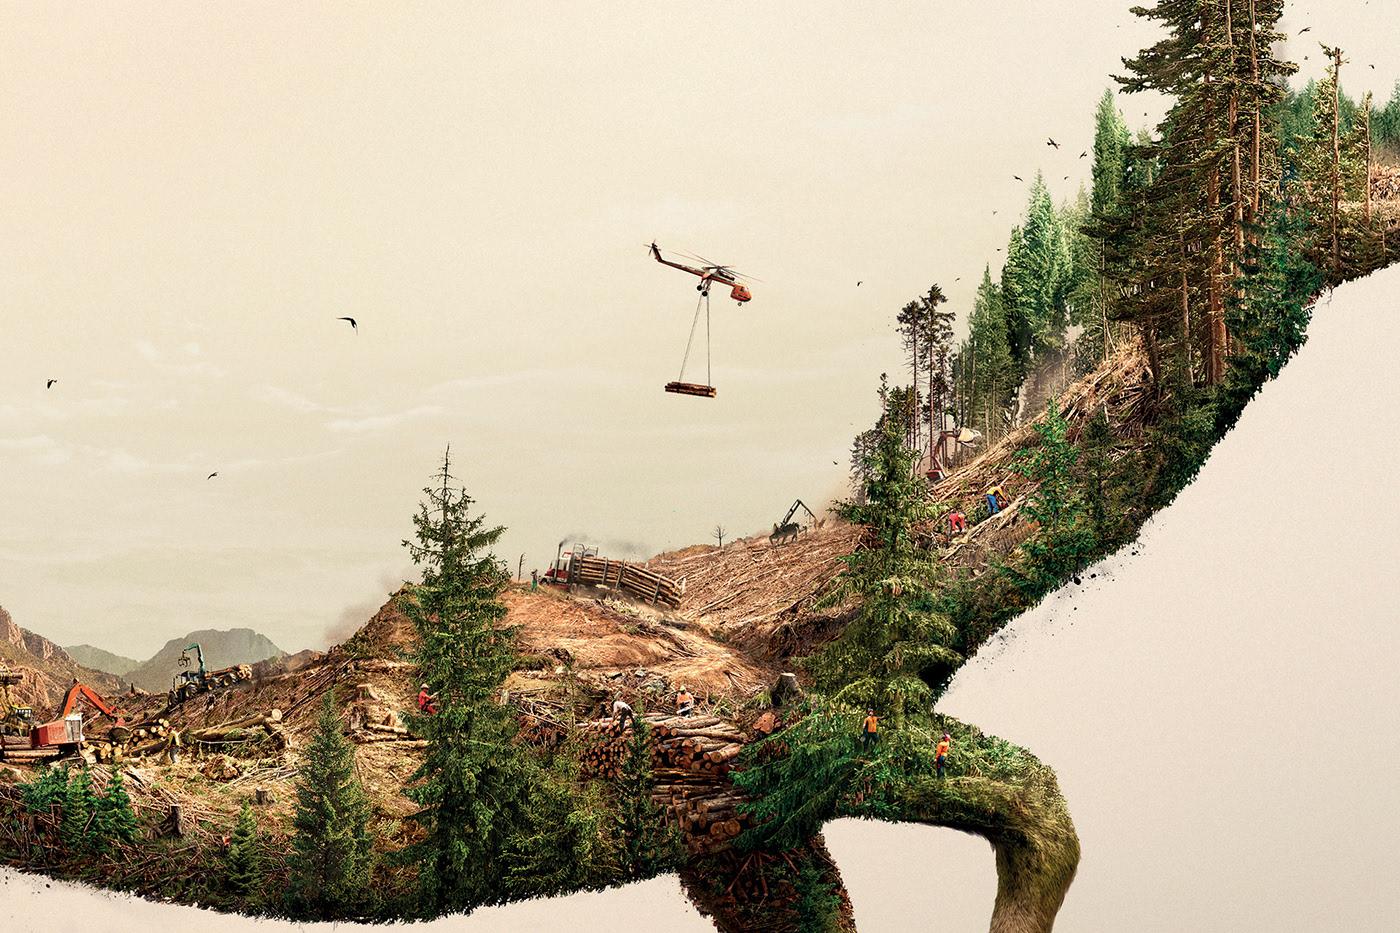 За 30 лет человечество уничтожило 420 миллионов гектаров леса — ООН